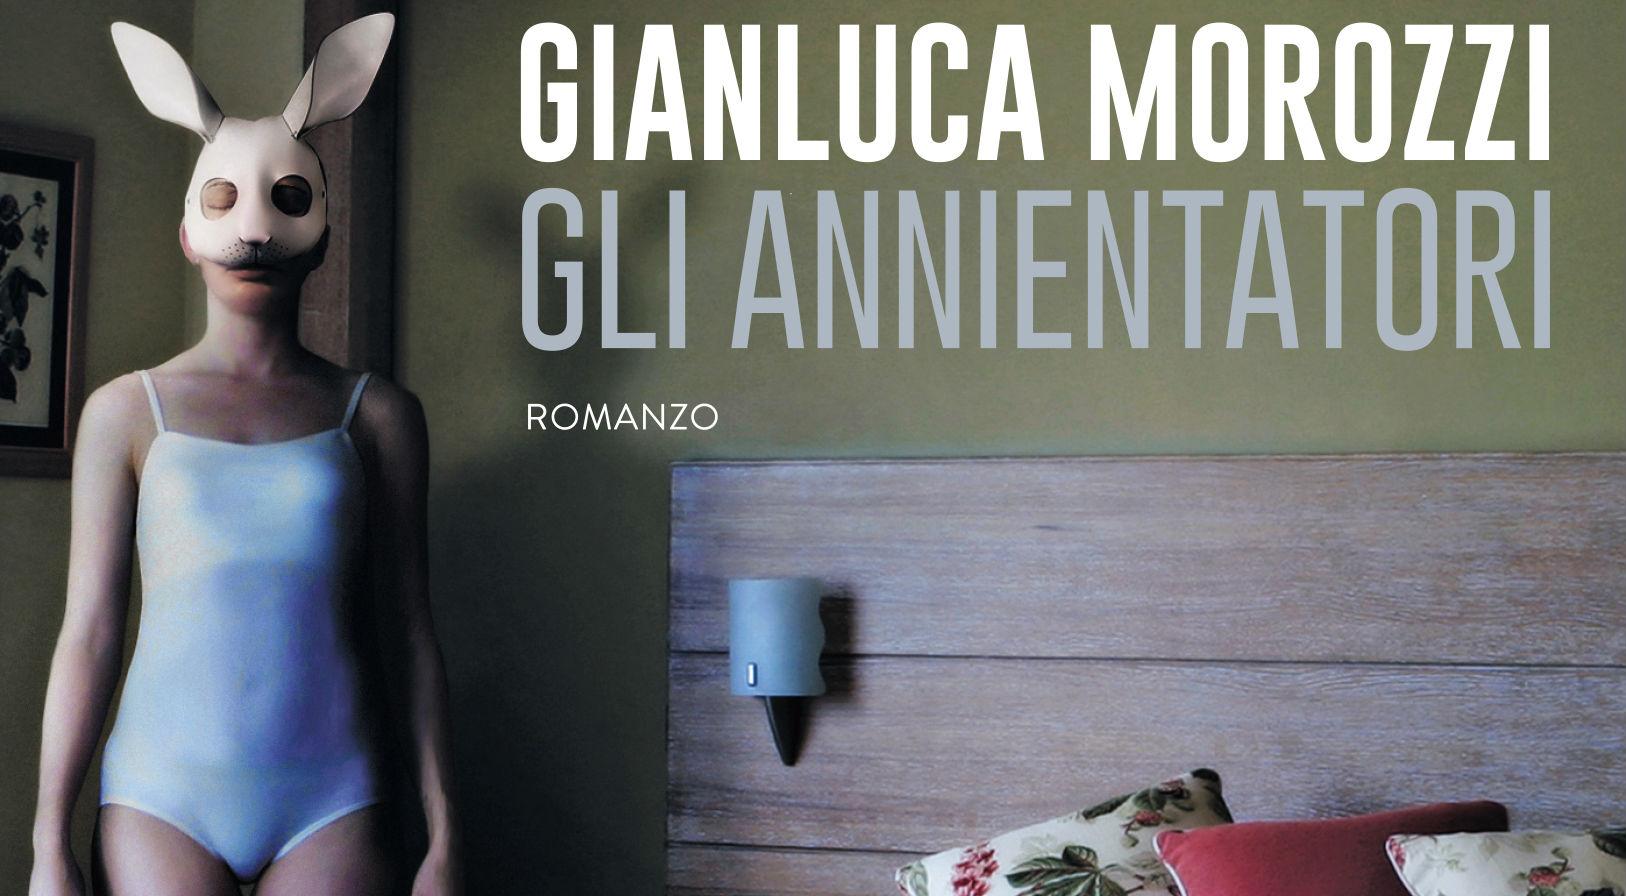 Gli Annientatori - Gianluca Morozzi (TEA)